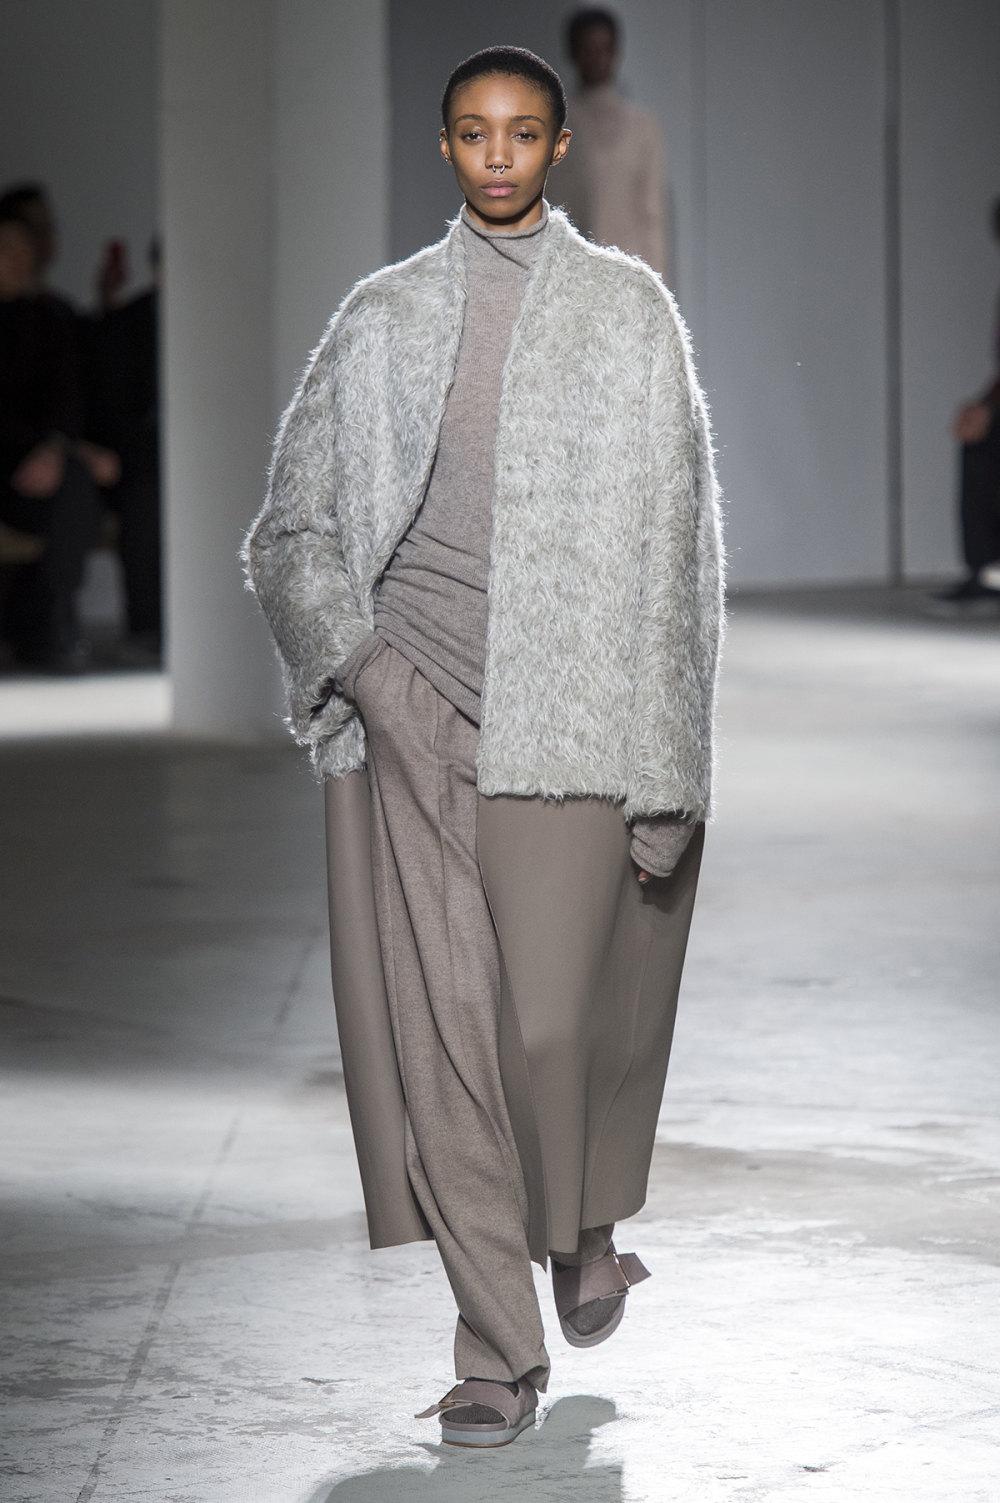 Agnona时装系列有纹理外套长而瘦有些穿着浴袍宽腿裤套装有巧克力-9.jpg